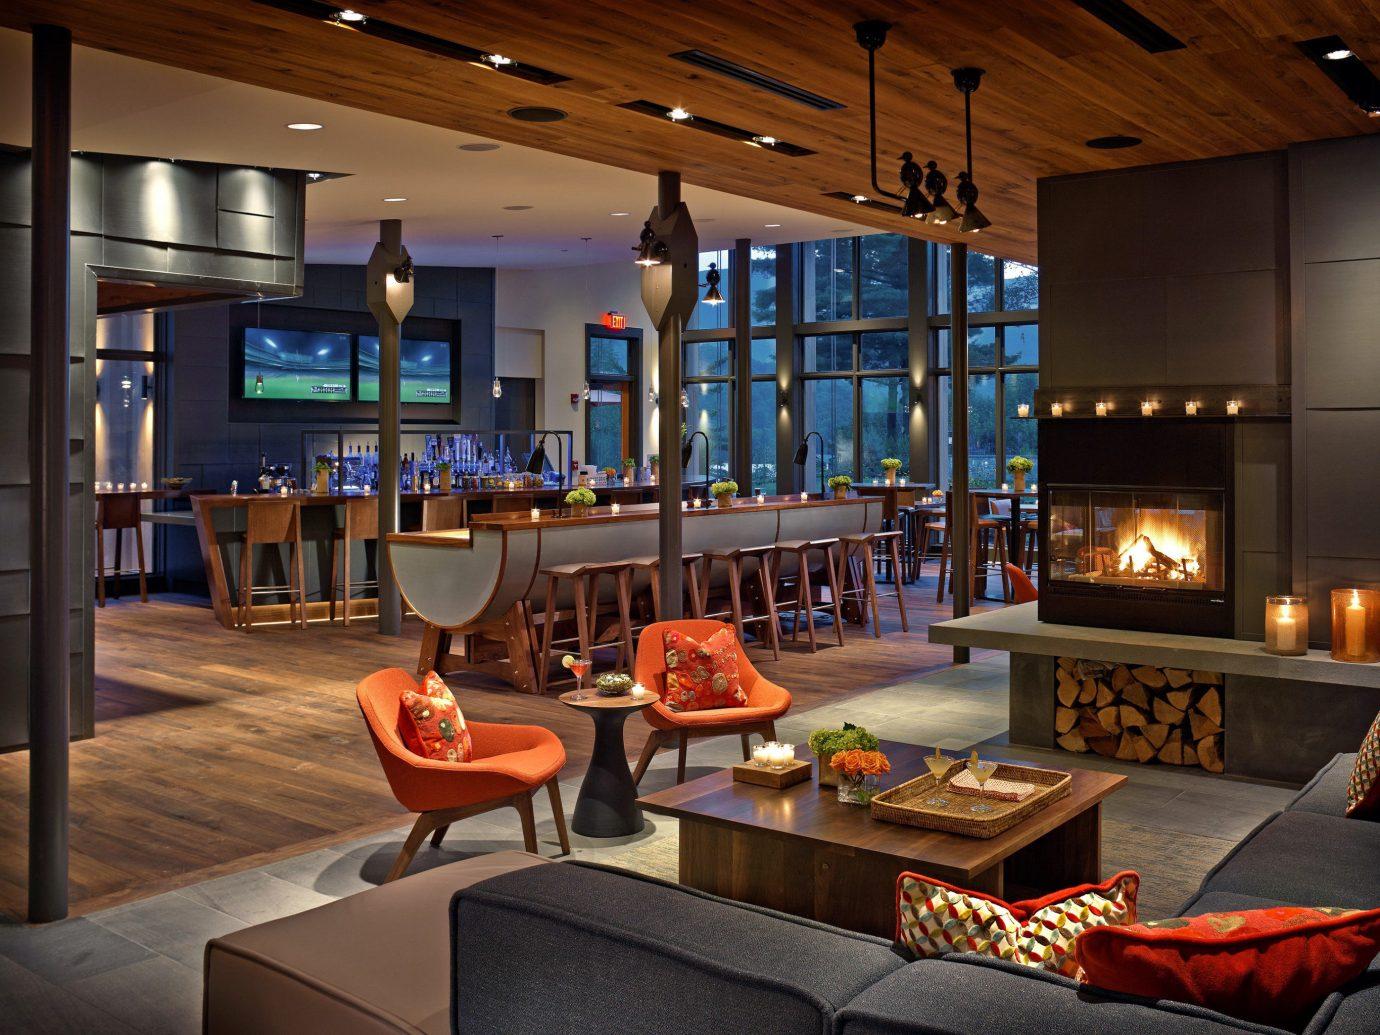 Hotels Trip Ideas indoor ceiling room recreation room living room Lobby estate home interior design orange Design area furniture